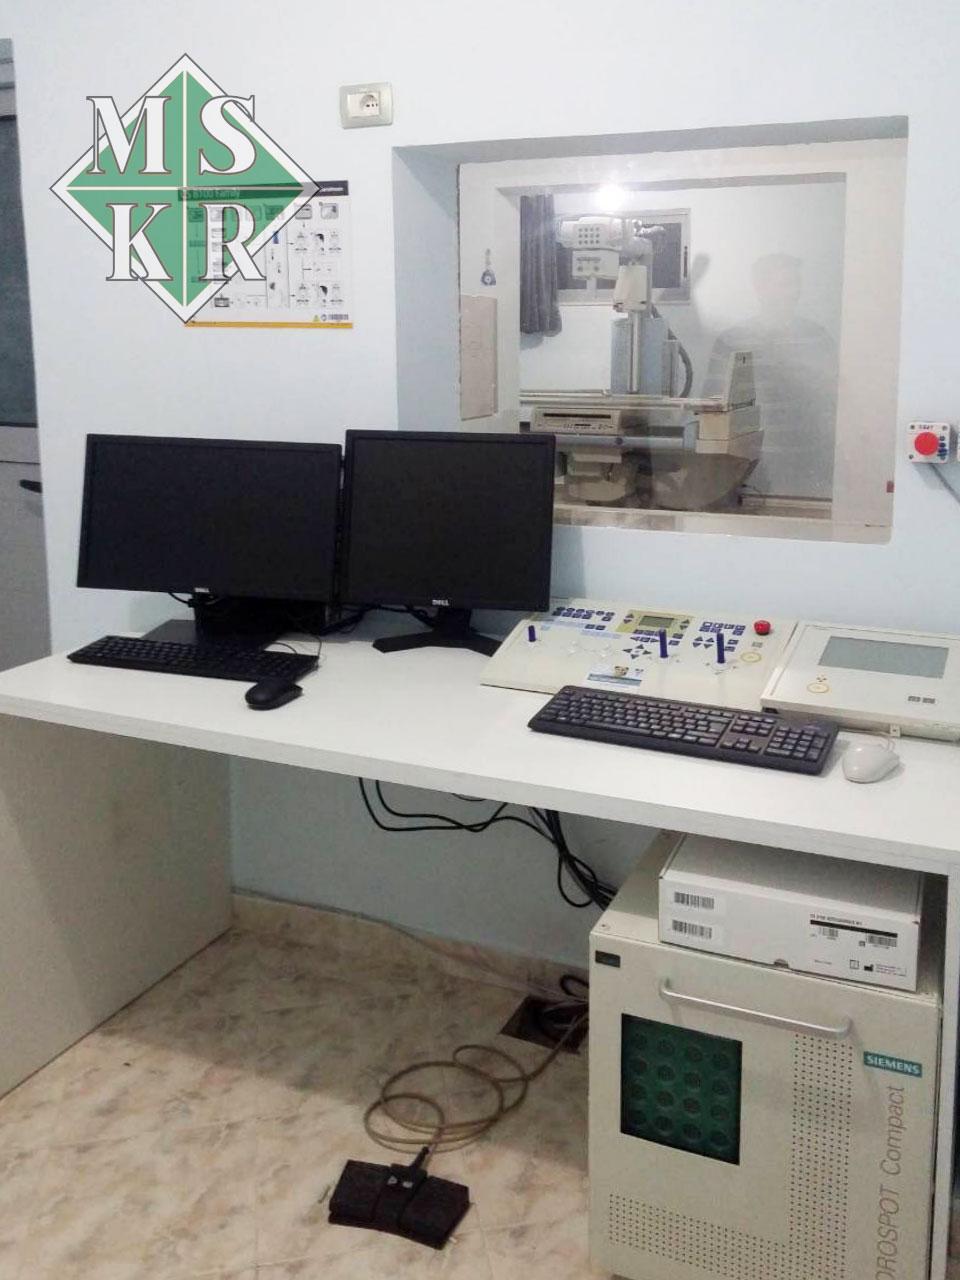 εγκατάσταση ακτινοδιαγνωστικού εξοπλισμού klinika logli medical systems aktinologika panoramika